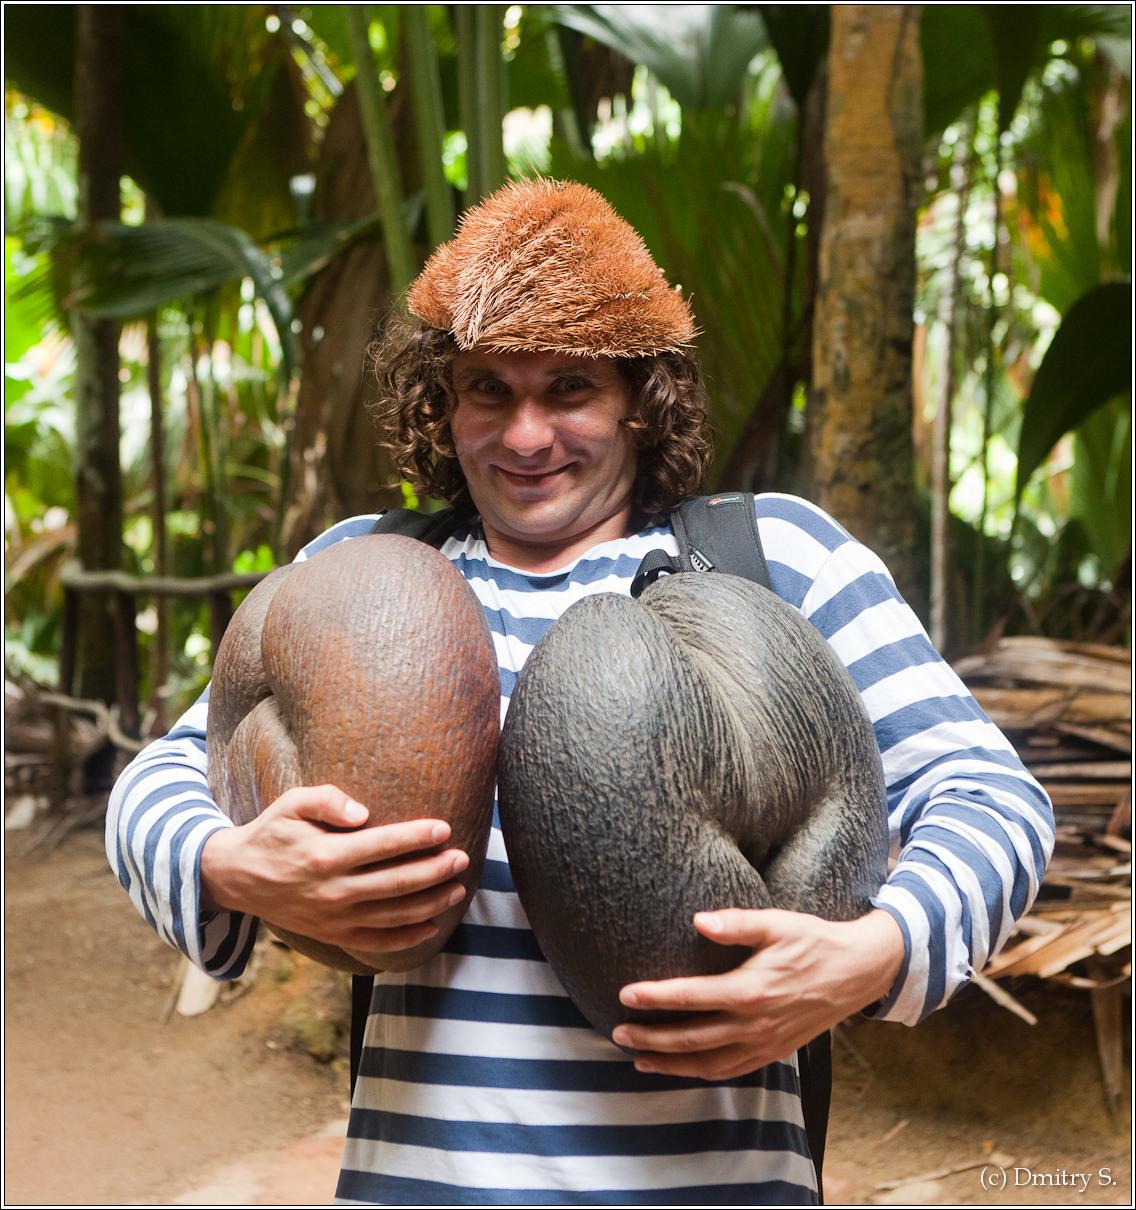 2011-01-05 15-20-20_Seychelles_DS_00216_3star.jpg